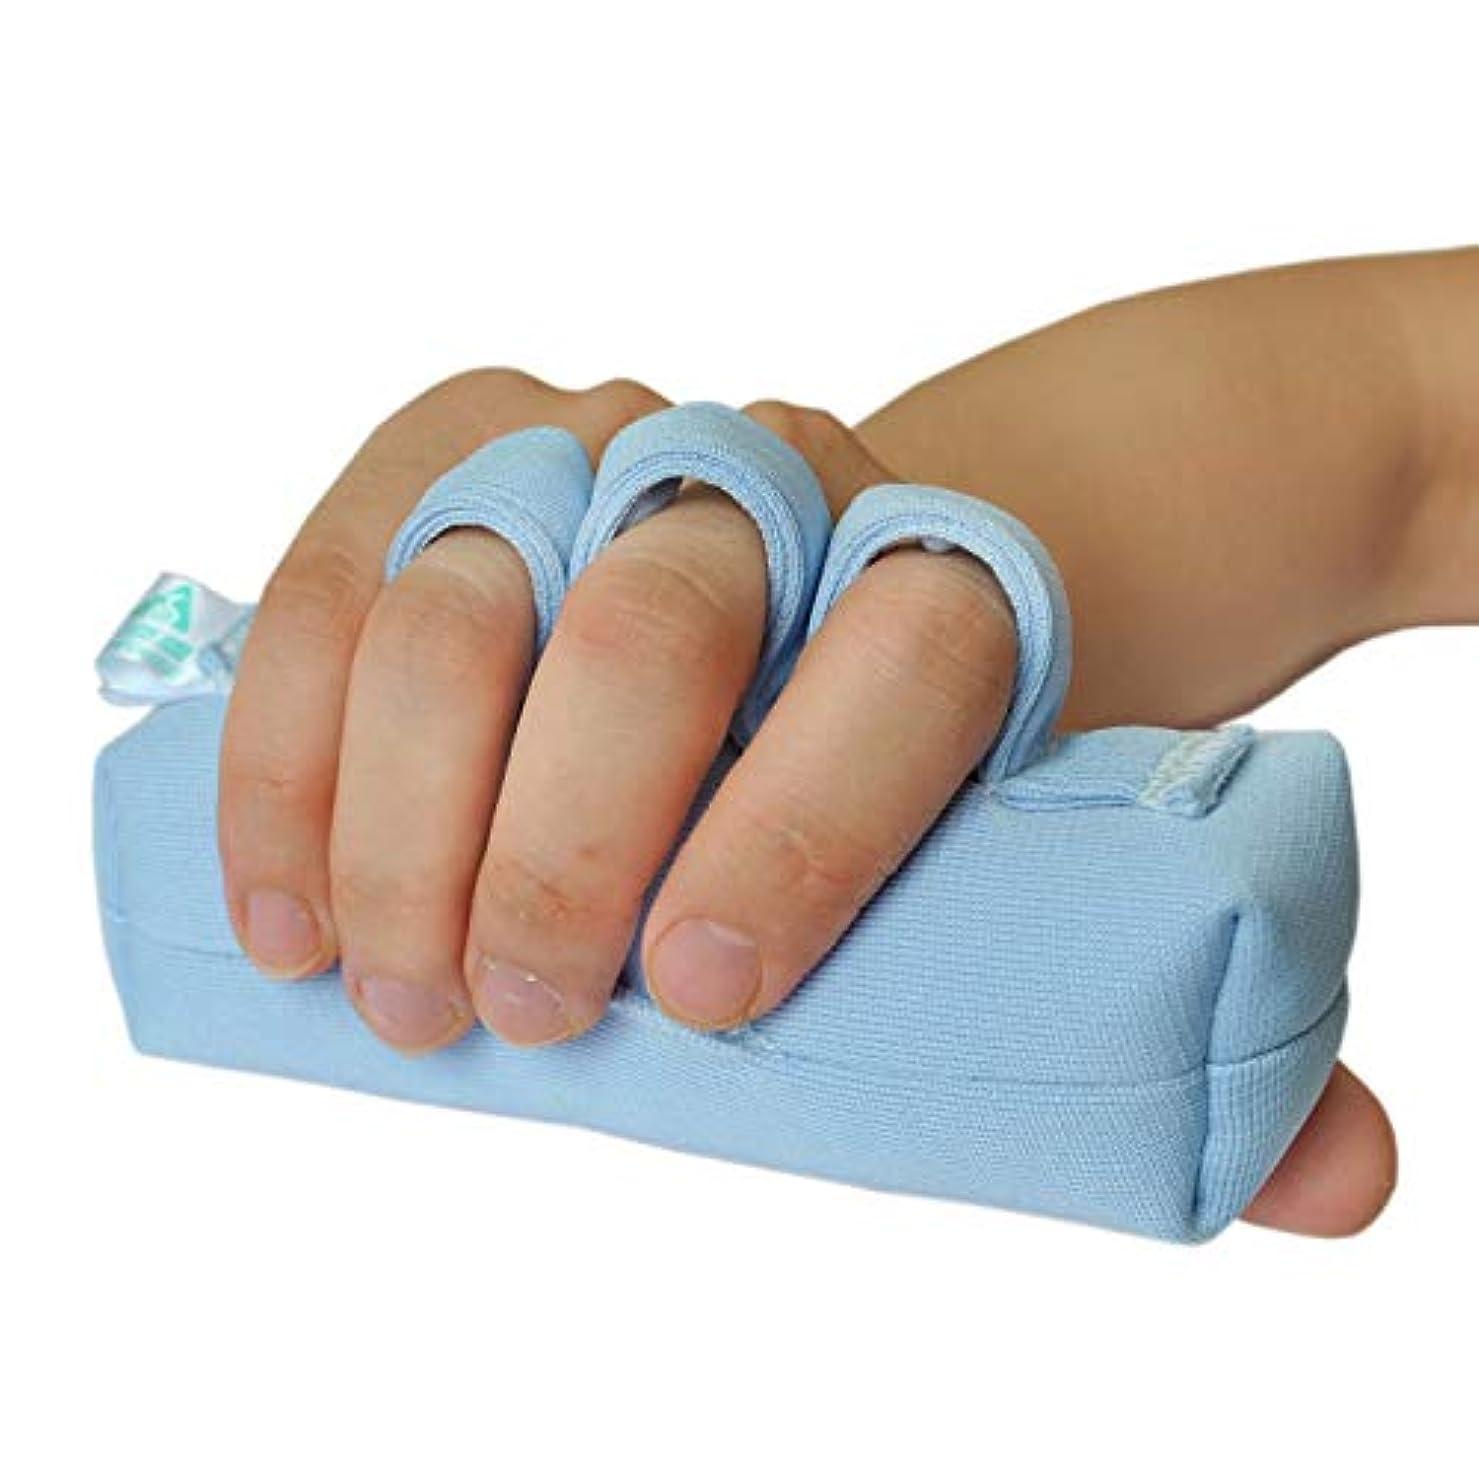 鼓舞するに対応トリッキー右手または左手の手のひらプロテクター、手の包帯のサポート/術後のリハビリテーション/指の挫傷パッド/手のひらの指の分割バー/高齢者介護/涙防止ハンドスティック